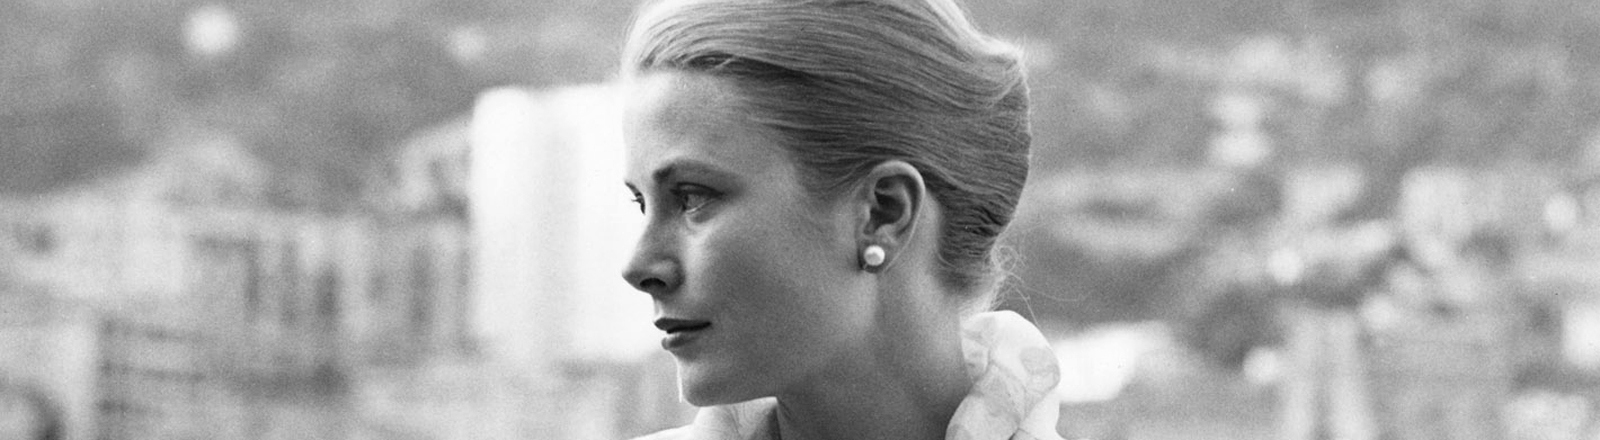 Fürstin Gracia Patrica, die frühere Schauspielerin Grace Kelly, Aufnahme von 1964